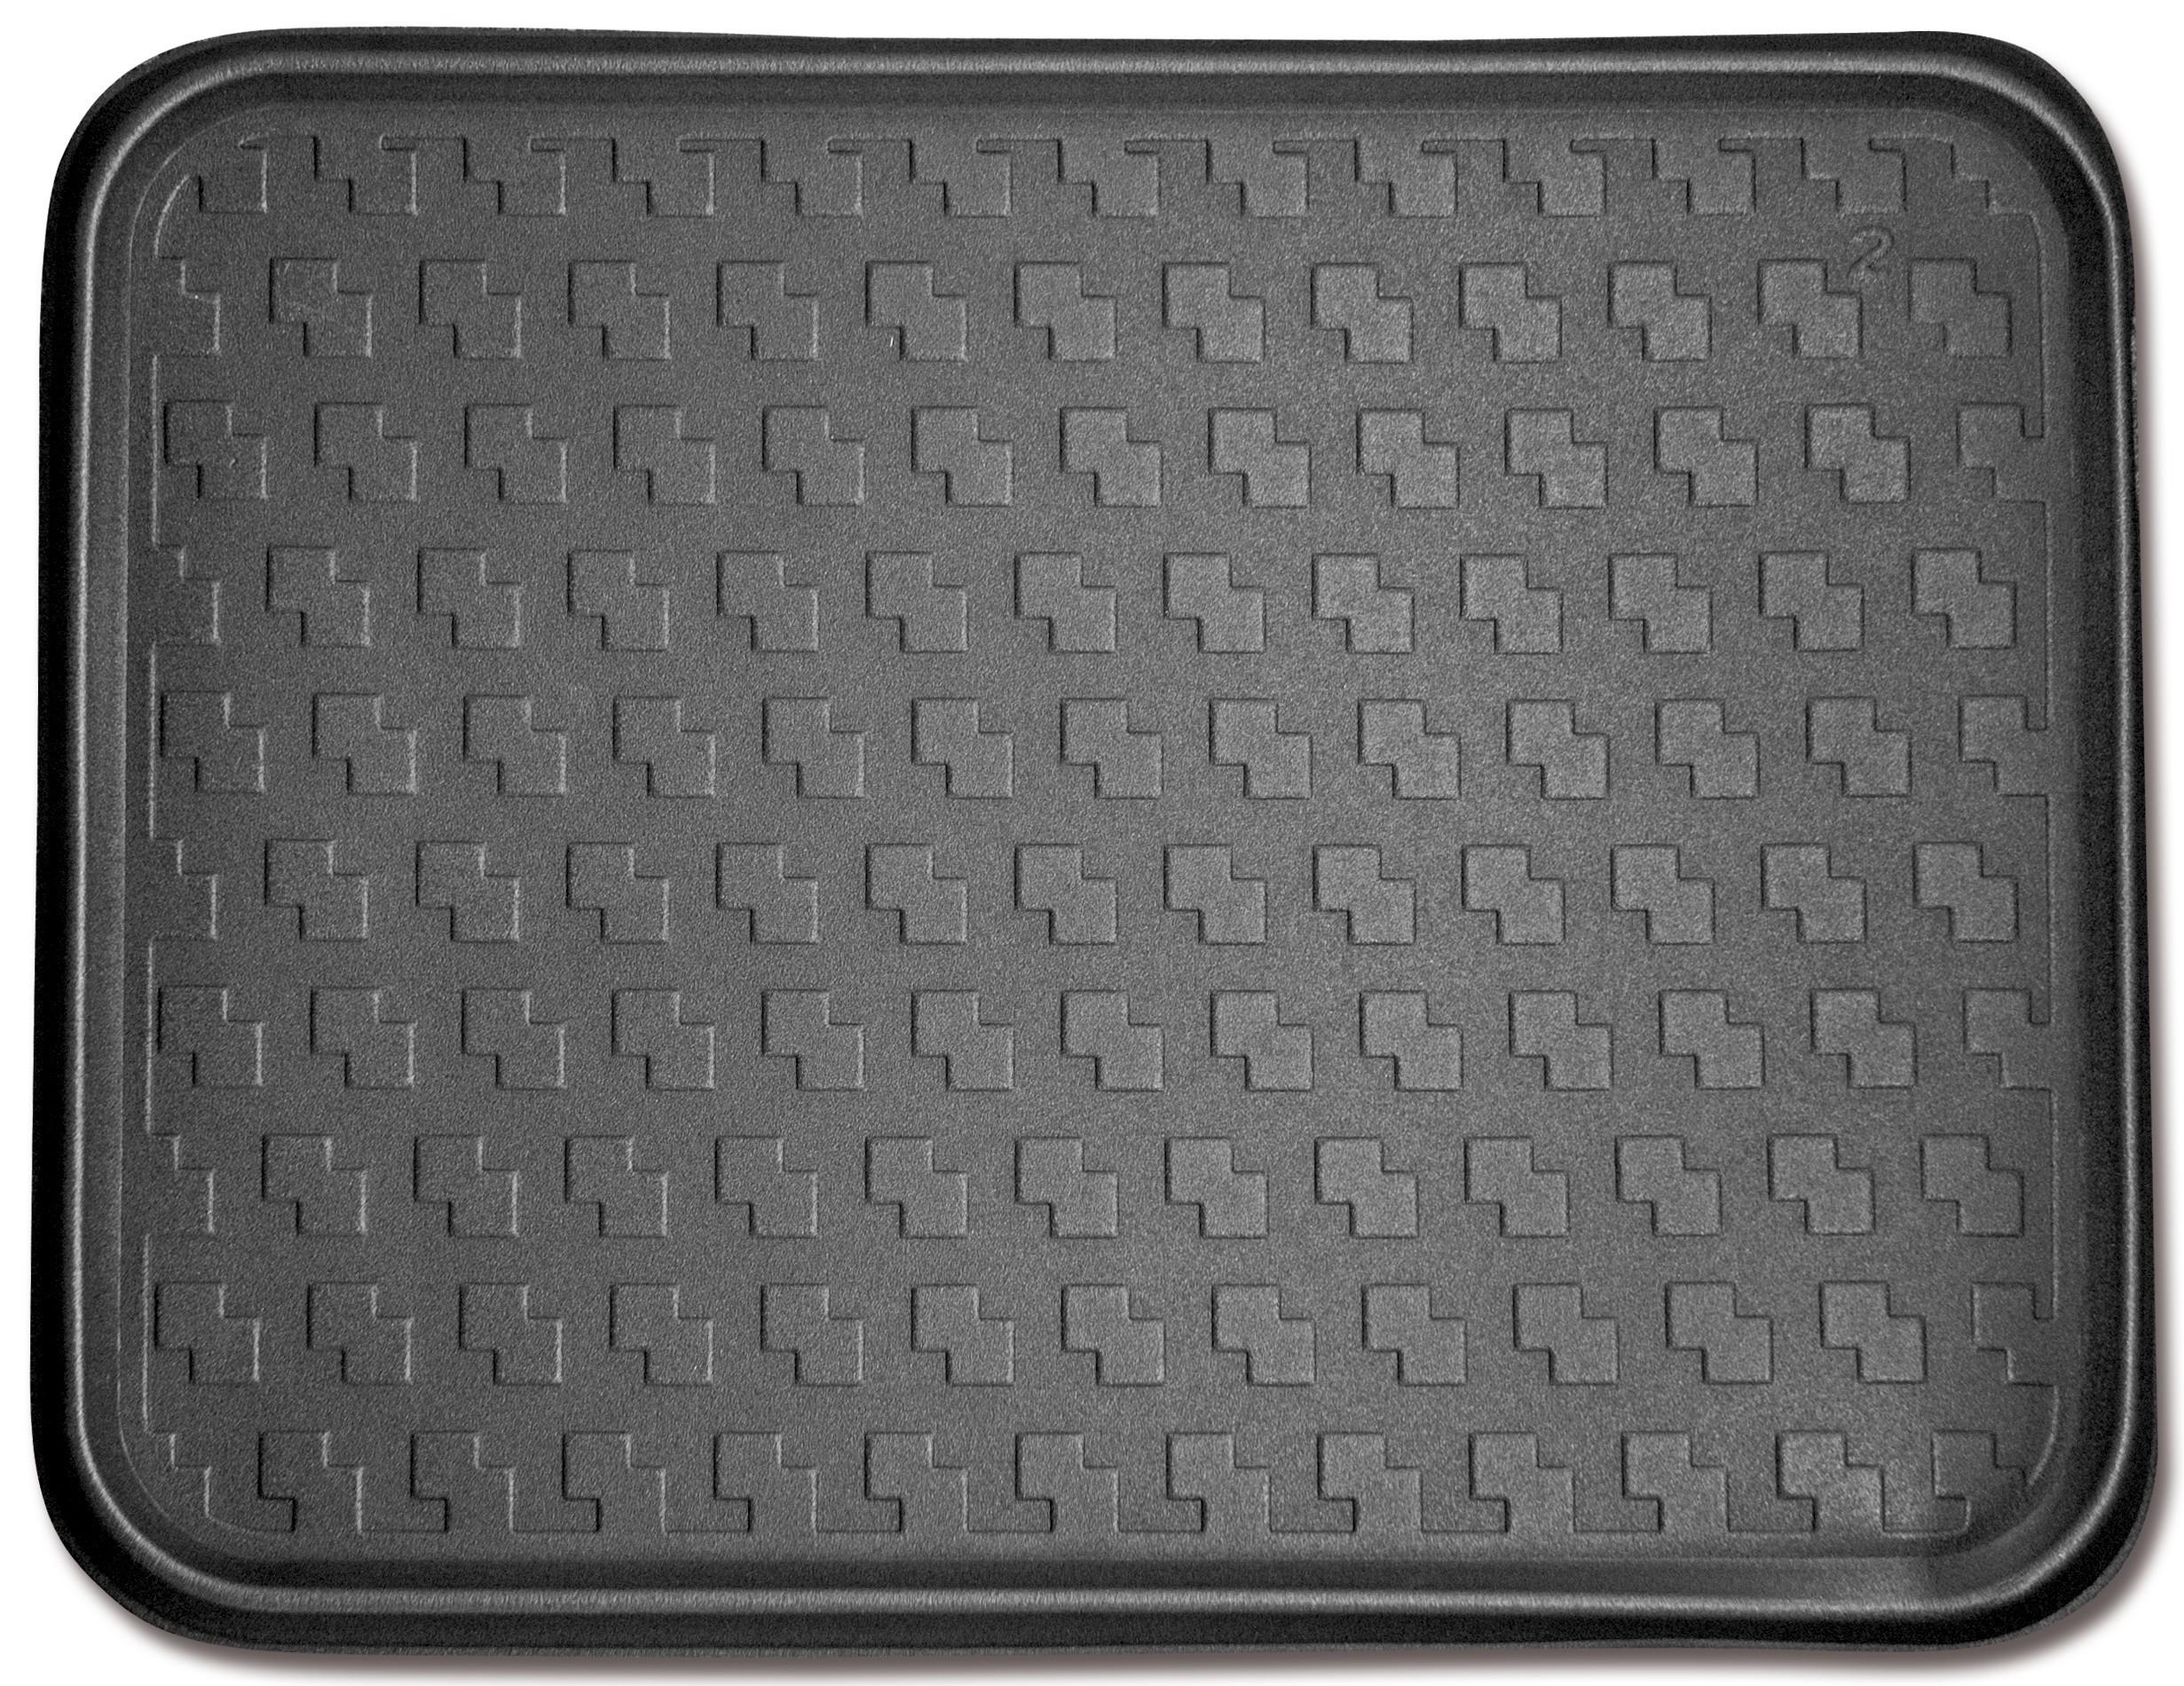 Kofferraummatte / Allzweckschale Größe 2 90x70x3cm Bild 1